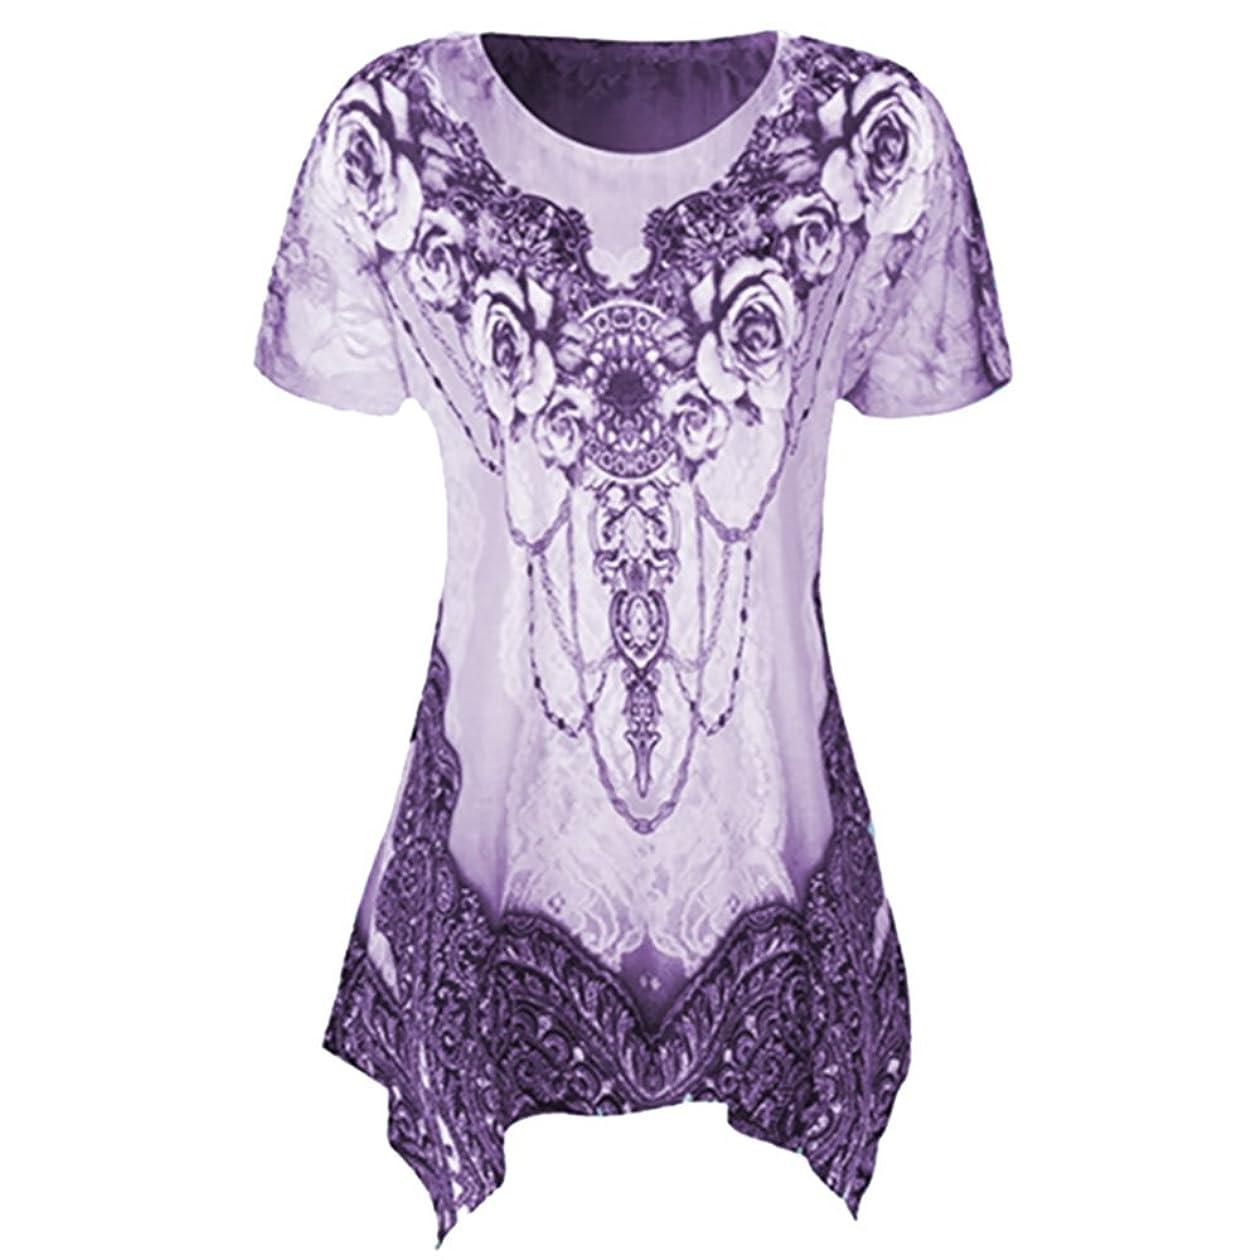 不幸心から説得力のあるHosam レディース 洋服 Tシャツ プリント ゆったり 大きなサイズ 不規則 おもしろ 快適 夏 ダンス ヨガ 普段着 ファッション 大人 おしゃれ 体型カバ― お呼ばれ 通勤 日常 快適 大きなサイズ シンプルなデザイン 20代30代40代でも (XL, パープル)